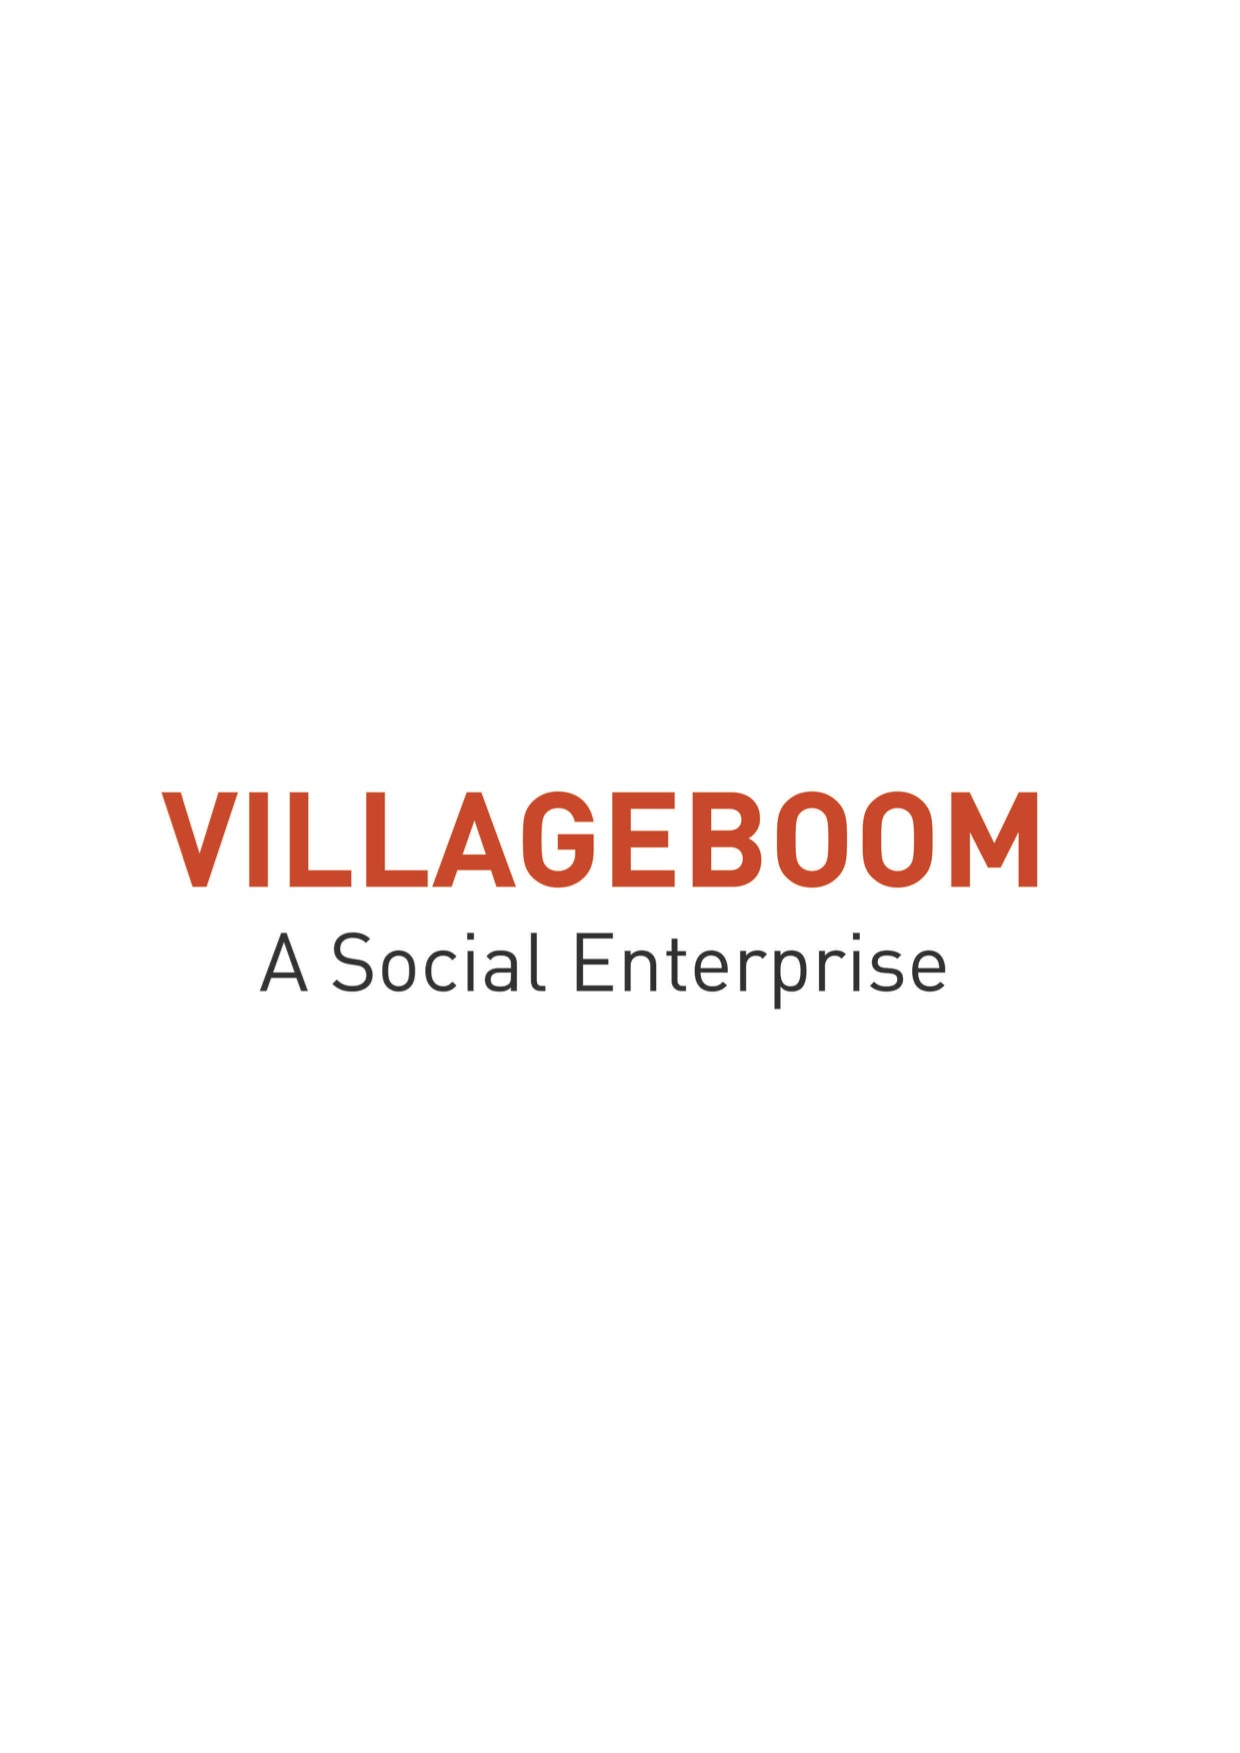 Villageboom GmbH